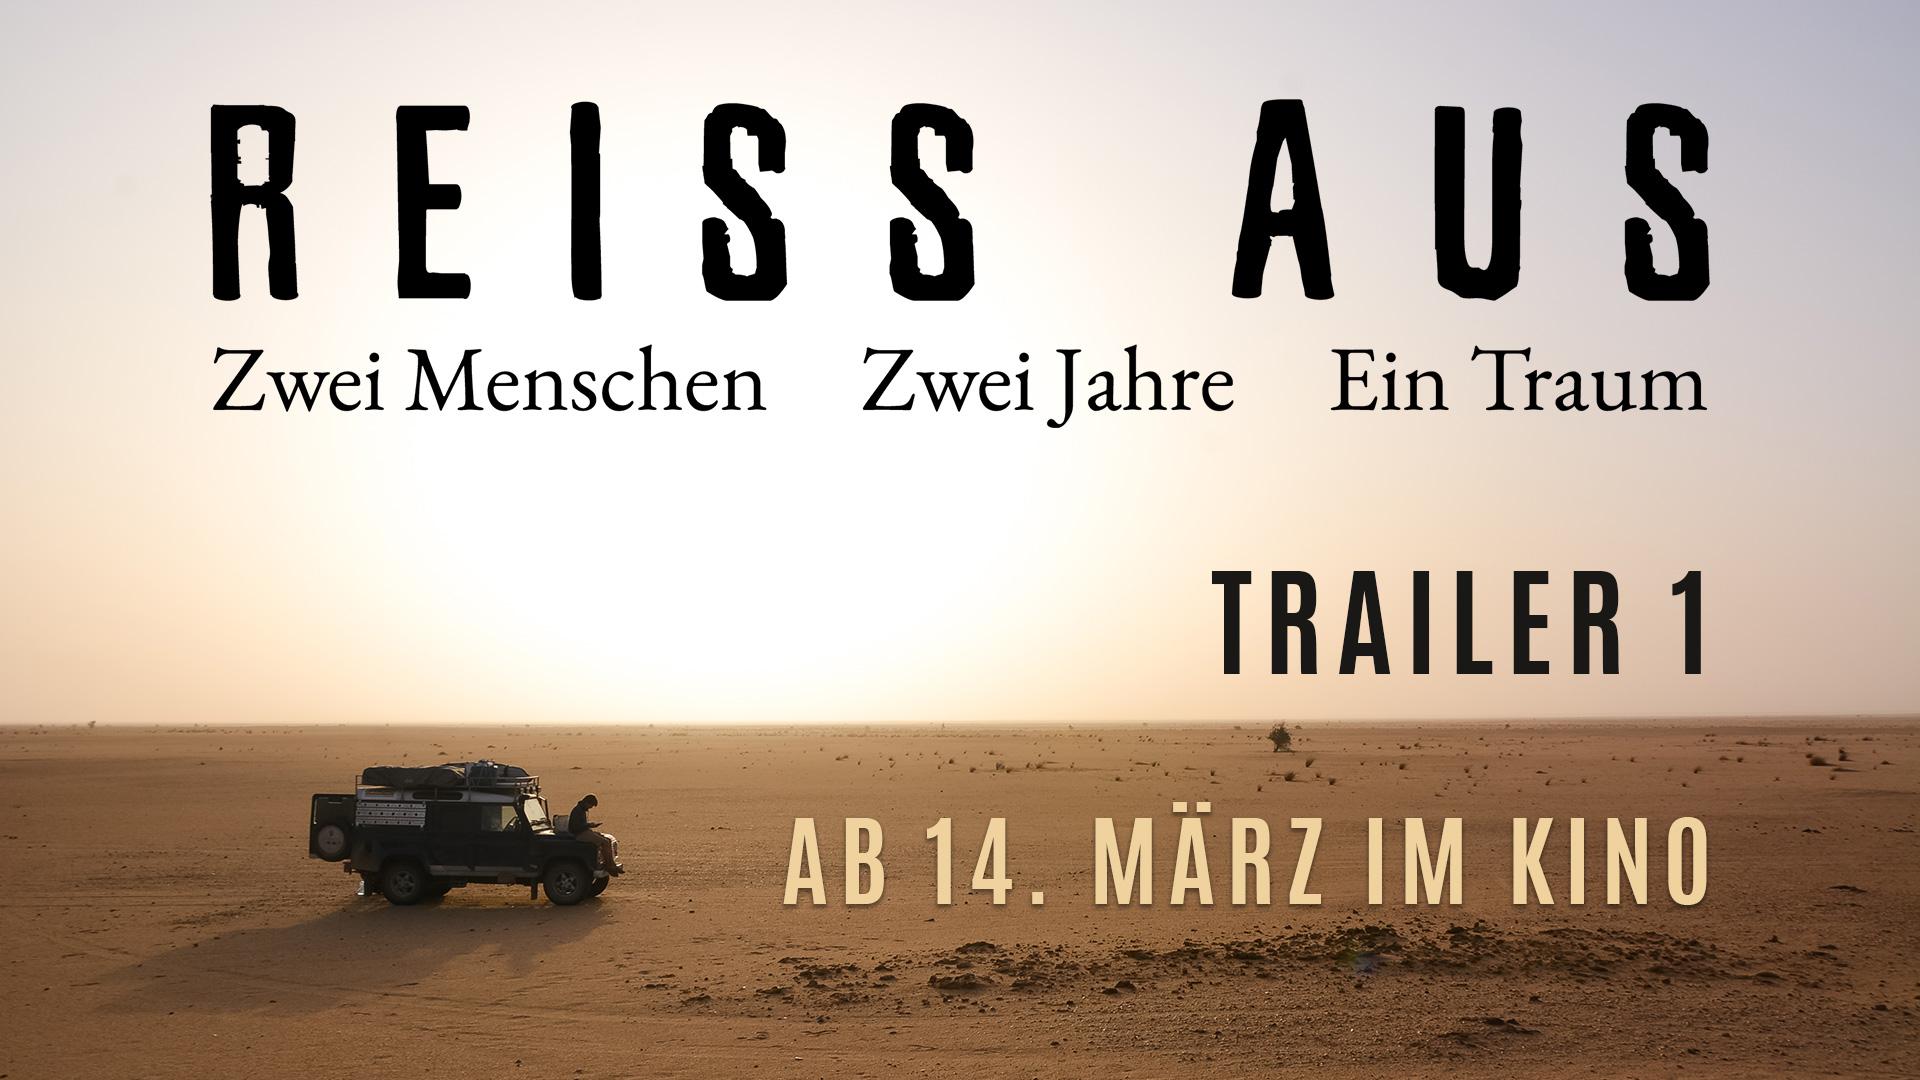 Ab 14. März 2019 im Kino | REISS AUS - TRAILER 1